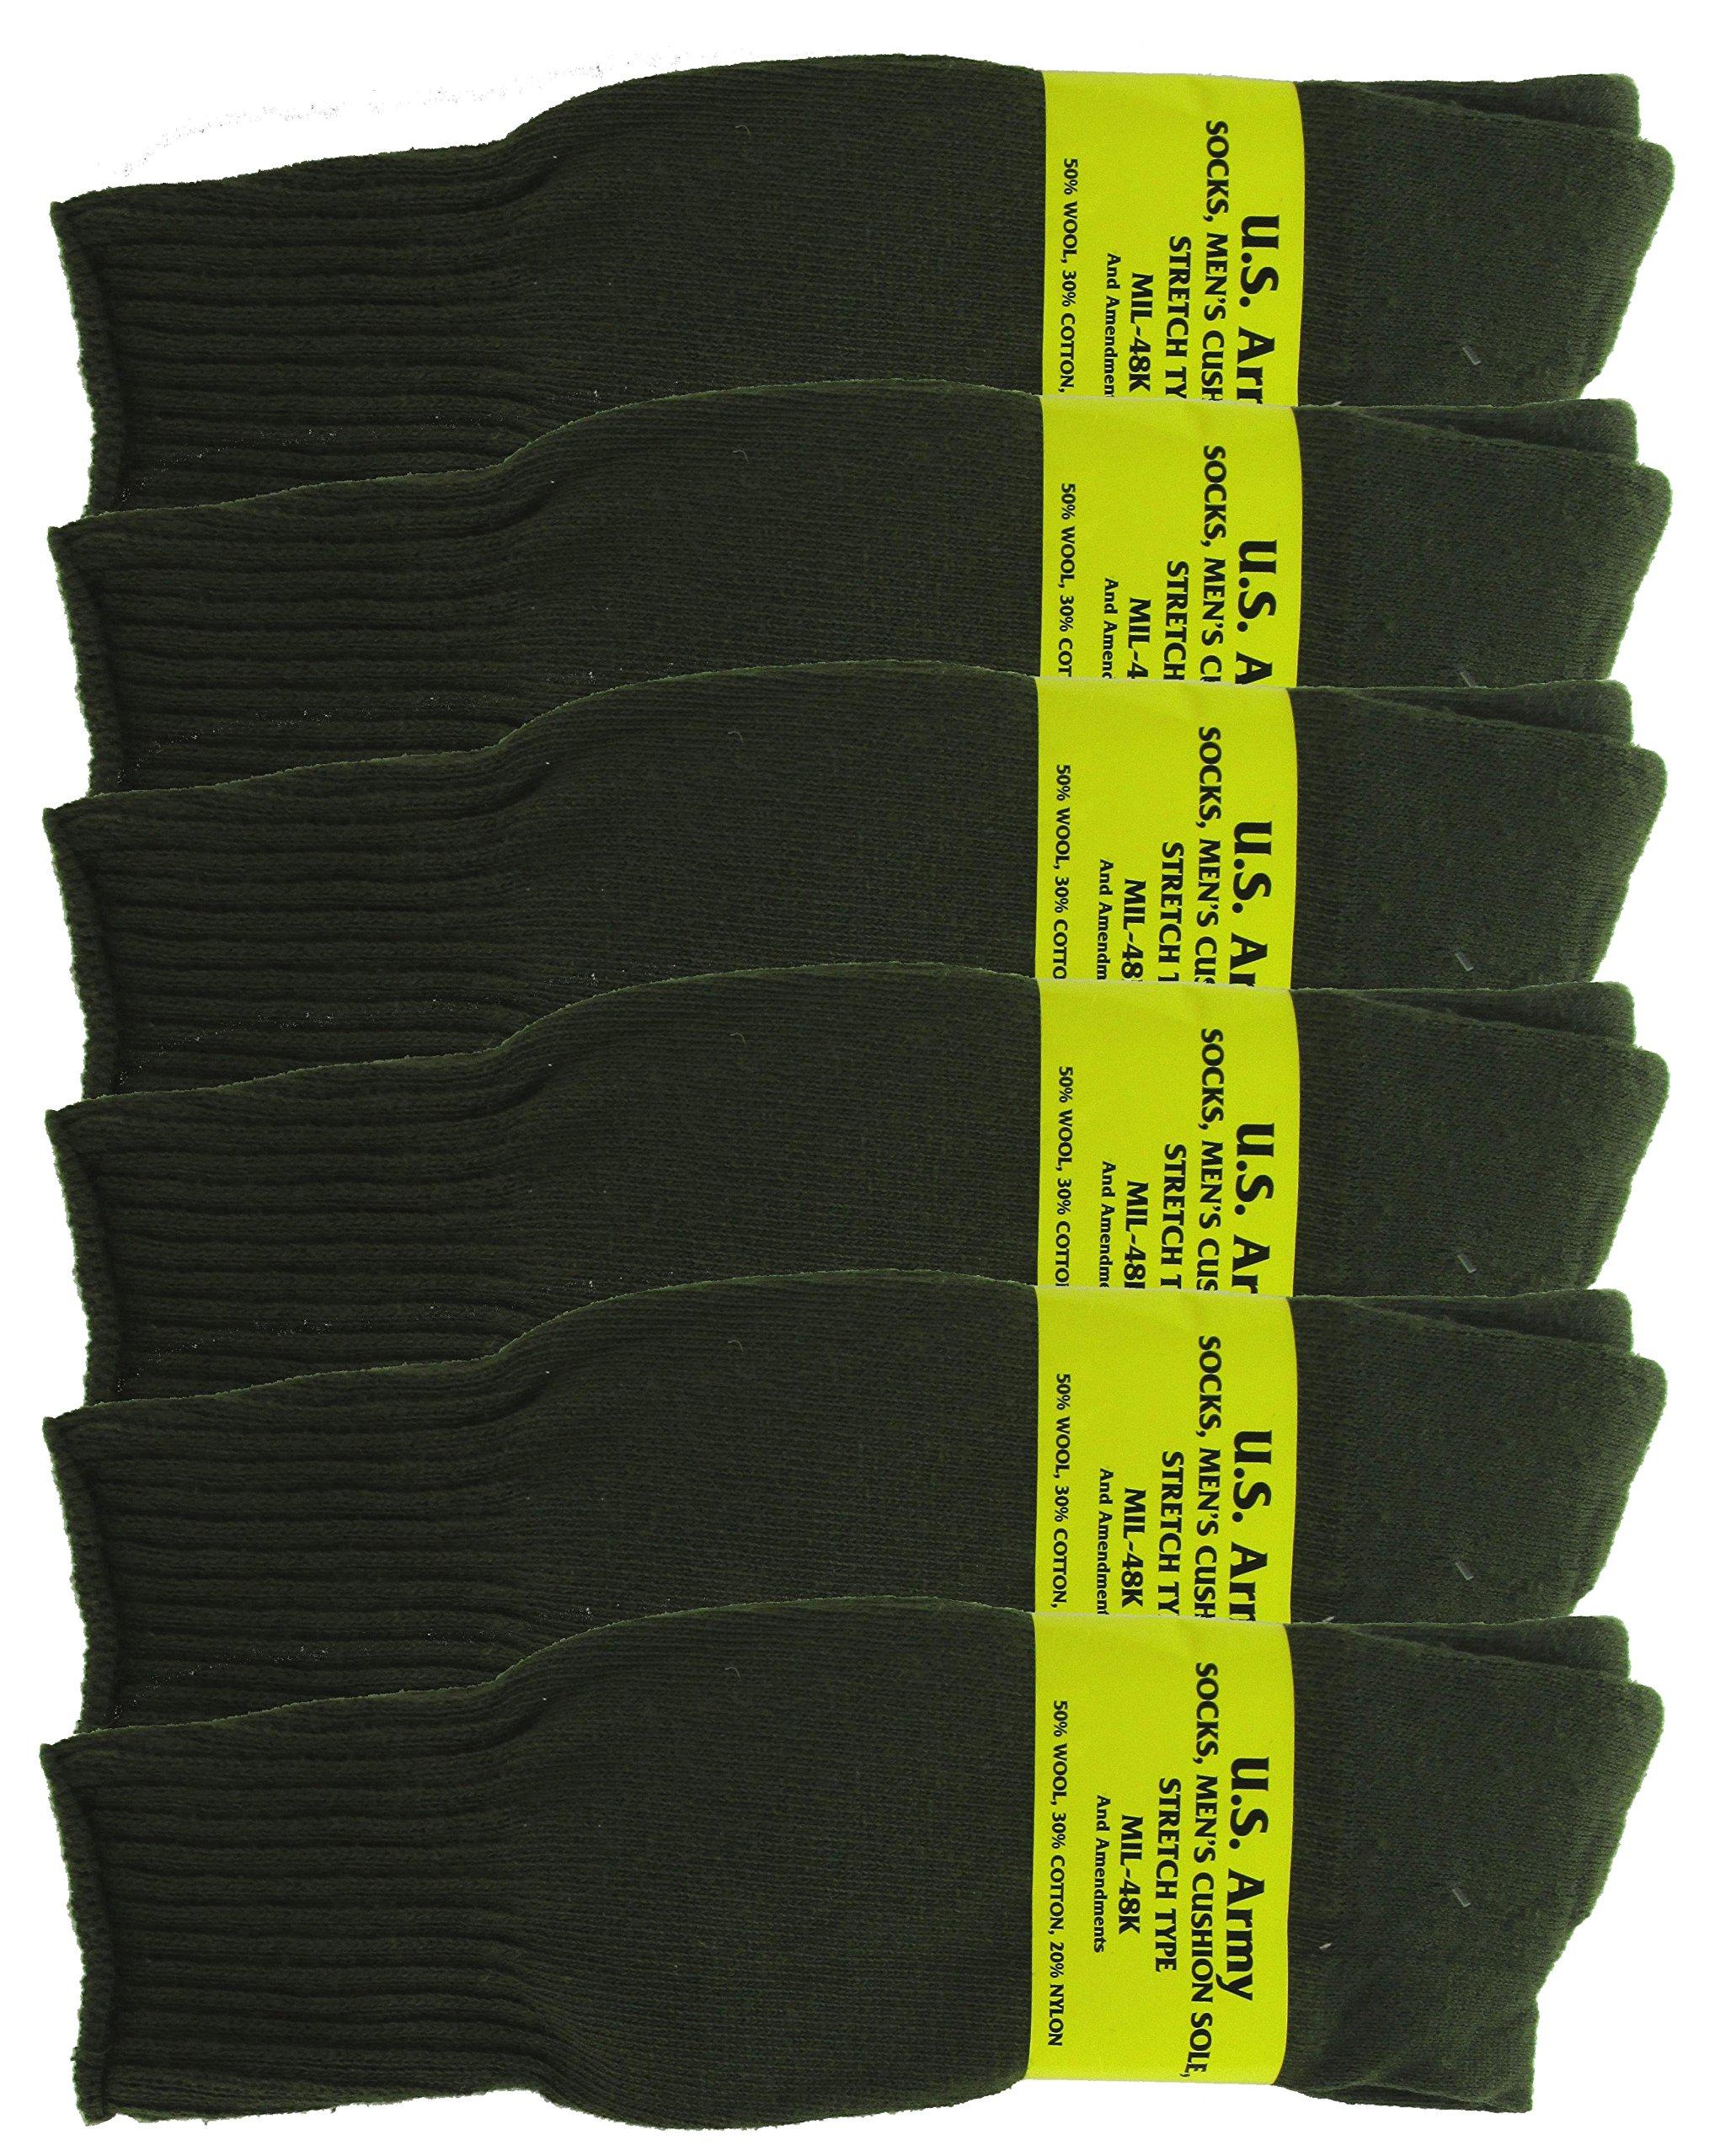 Olive Drab U.S. Army Sock Package - 6 PAIRS - Medium